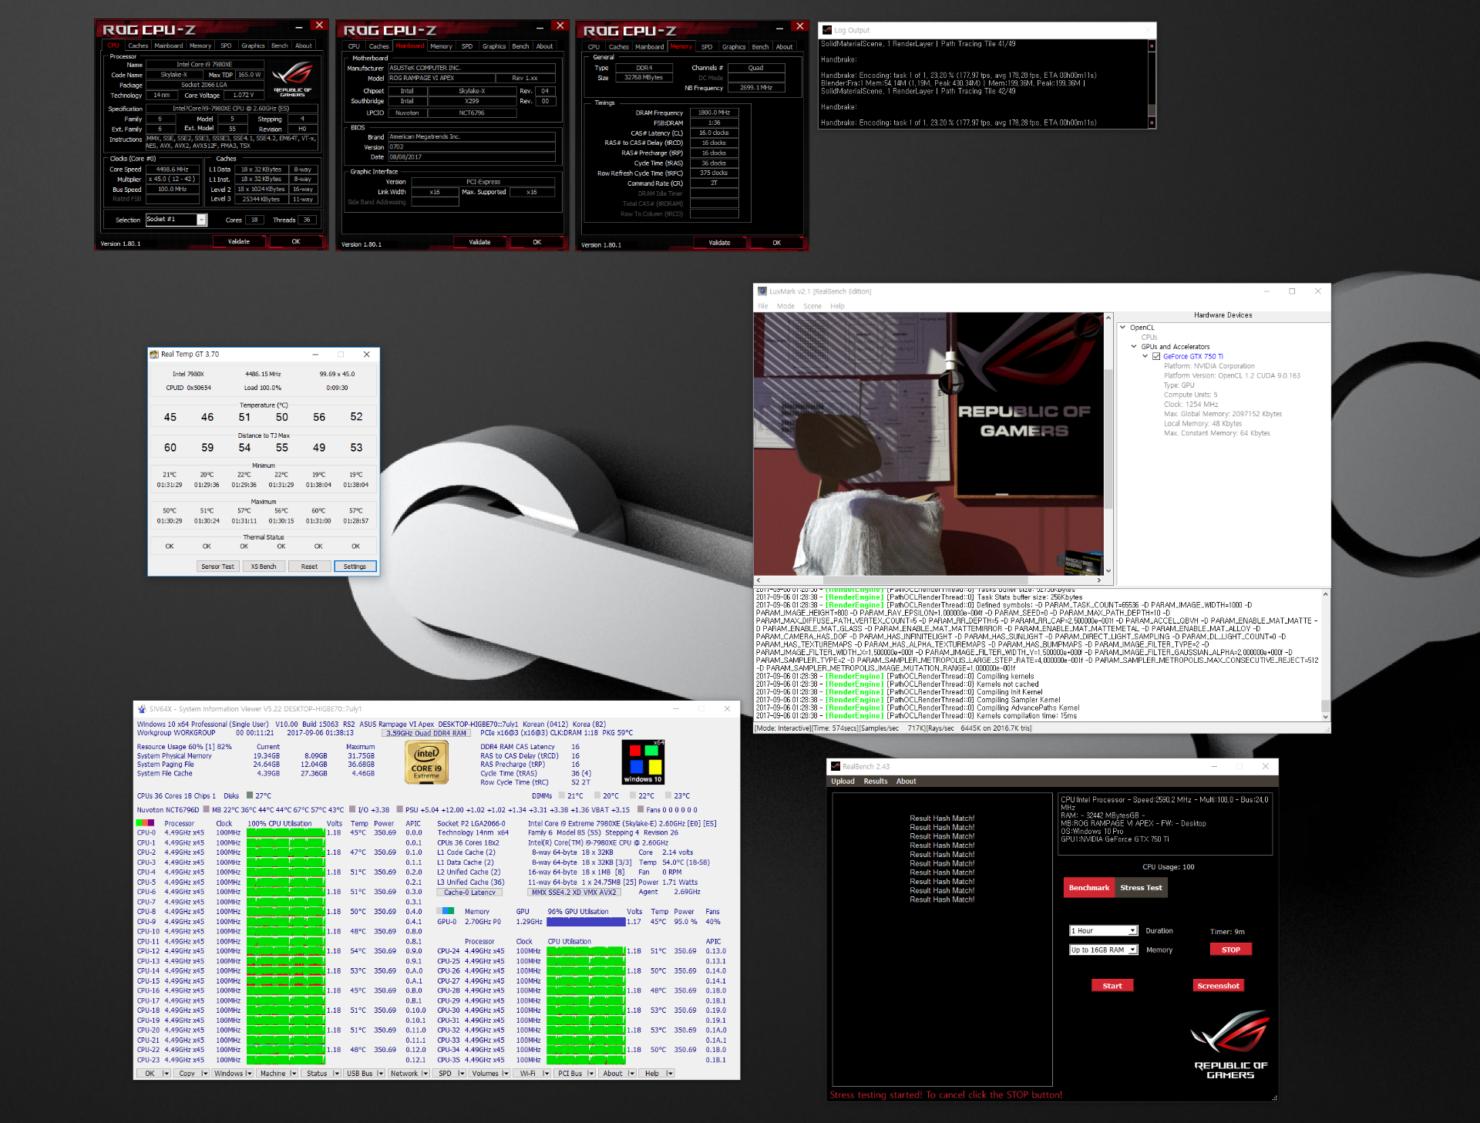 intel-core-i9-7980xe_luxmark-2